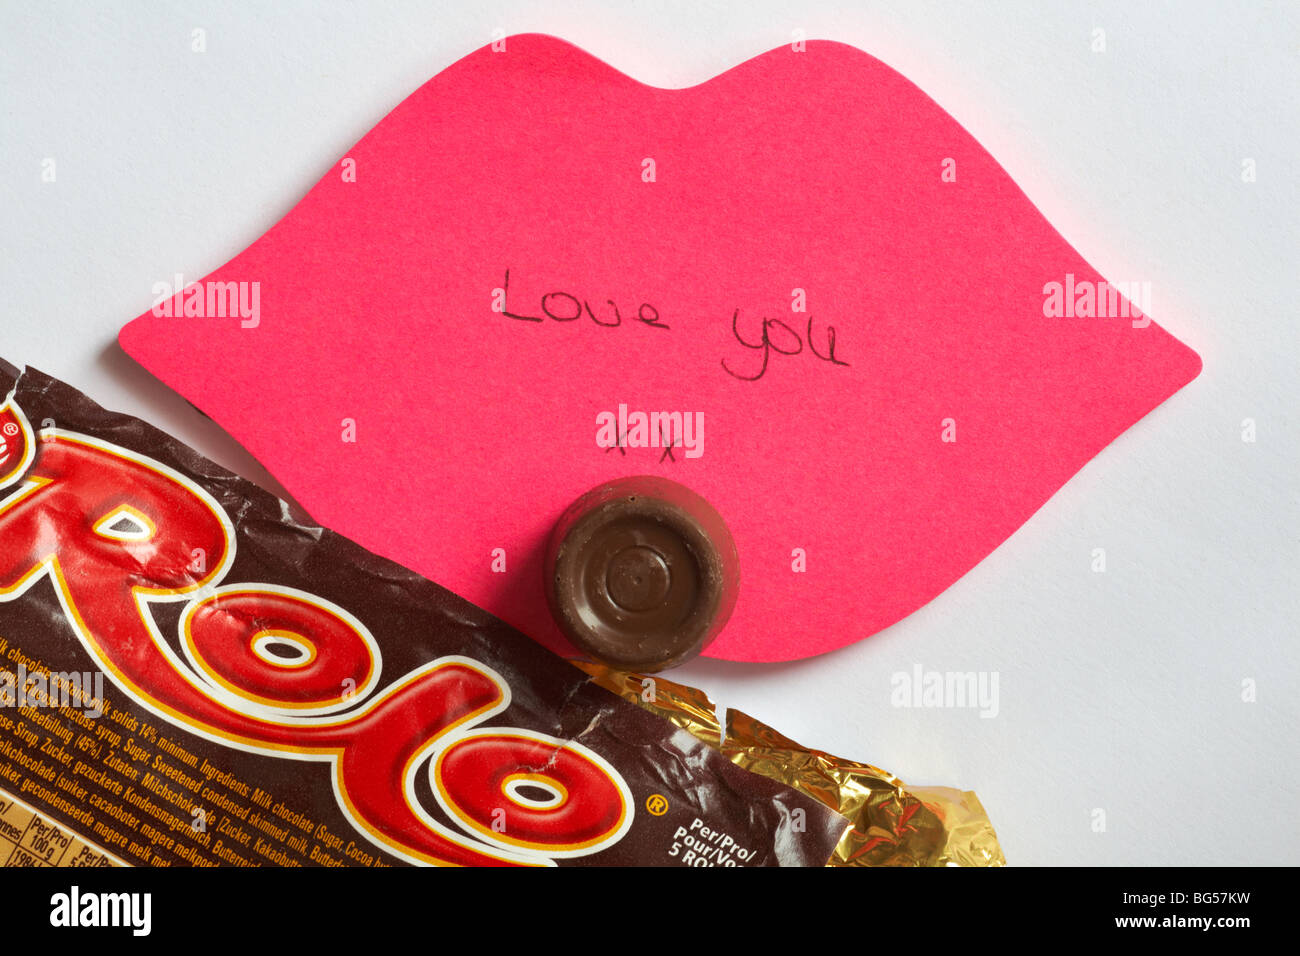 Liebe Dich - Die letzte Rolo - Liebe Sie xx auf rosa Lippen geschrieben Post it Note mit der letzten Rolo des Pakets Stockbild